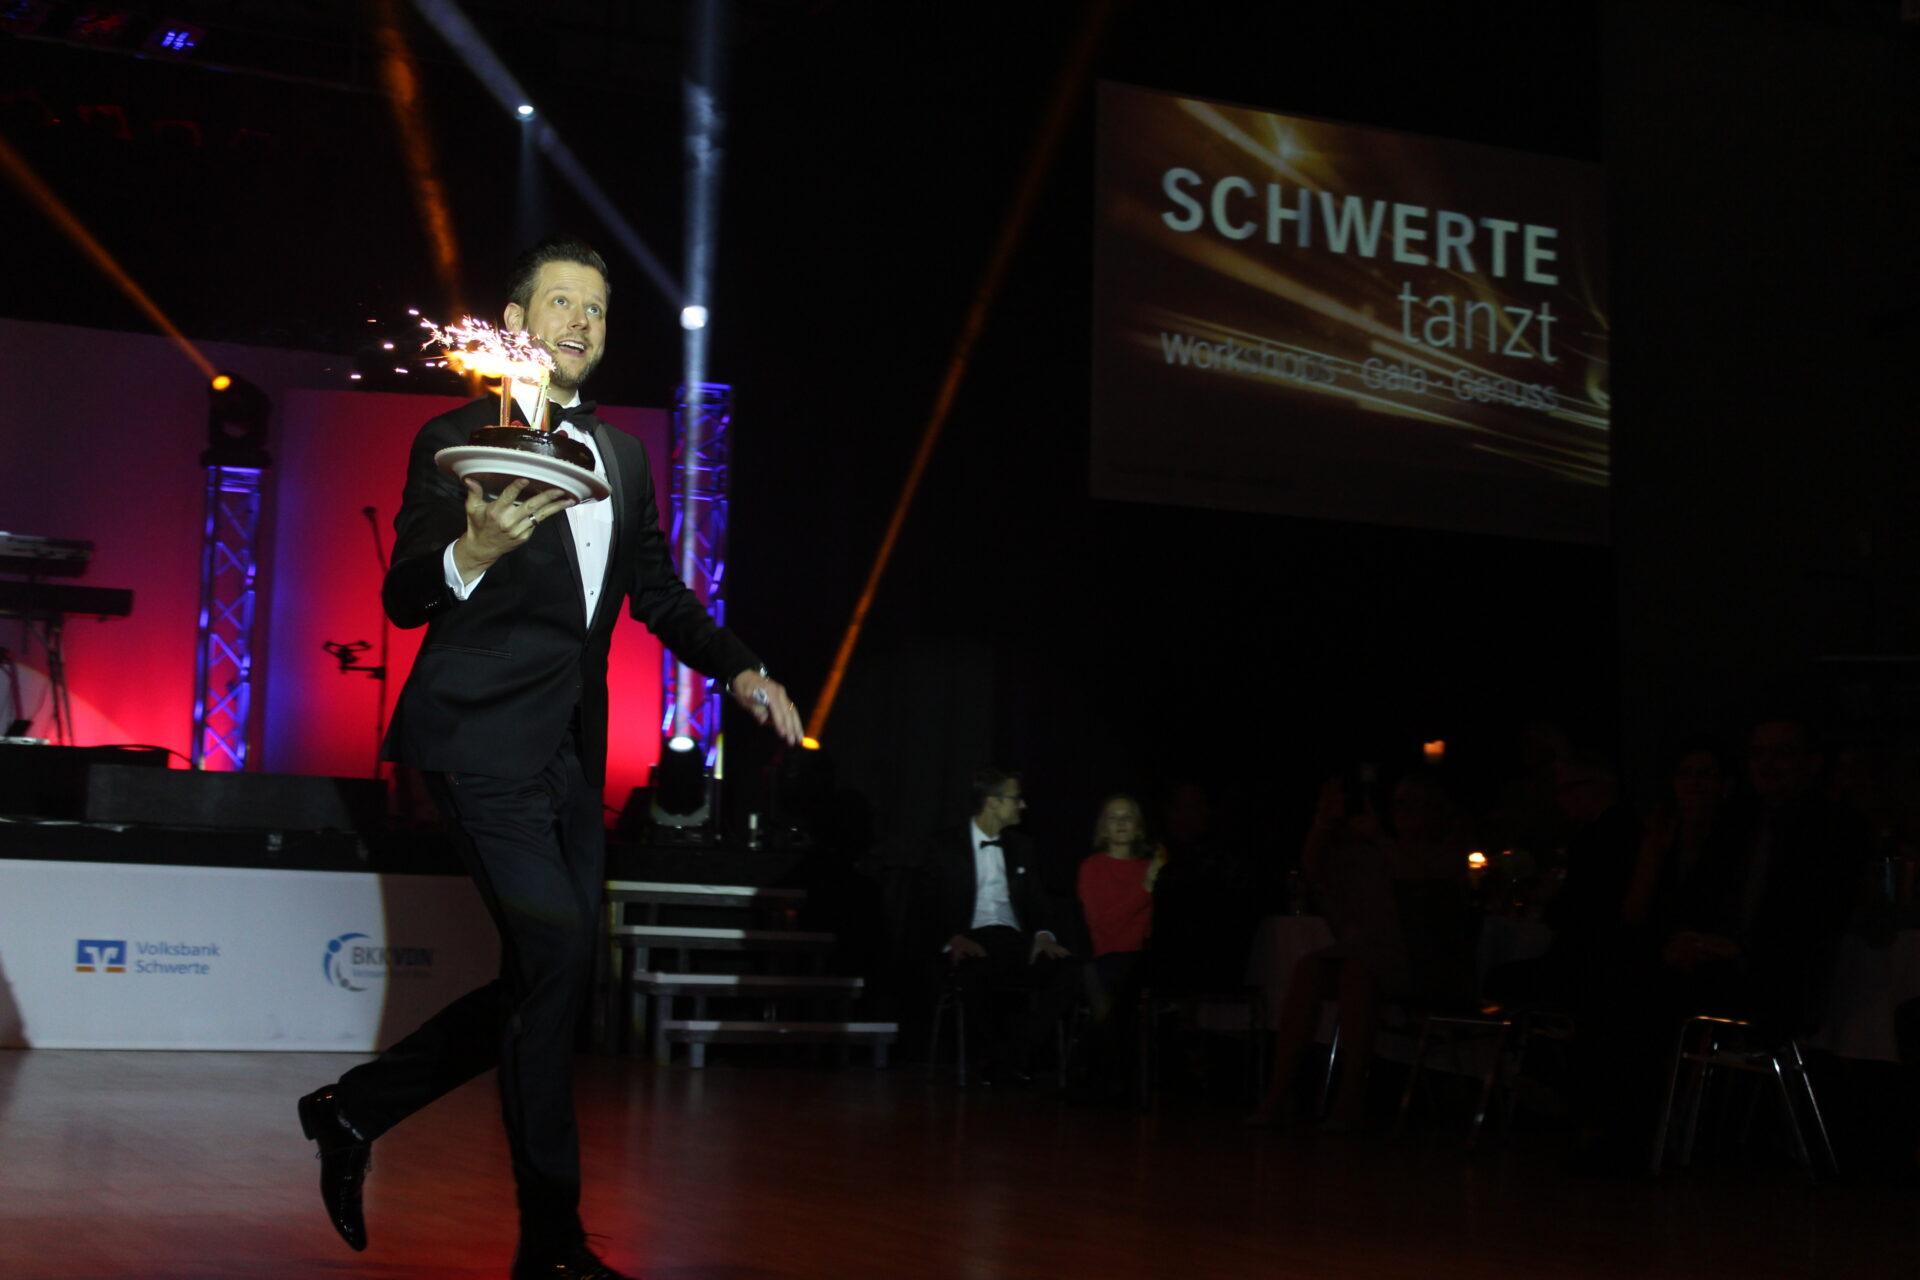 Schwerte tanzt: Björn Thiele zieht Bilanz